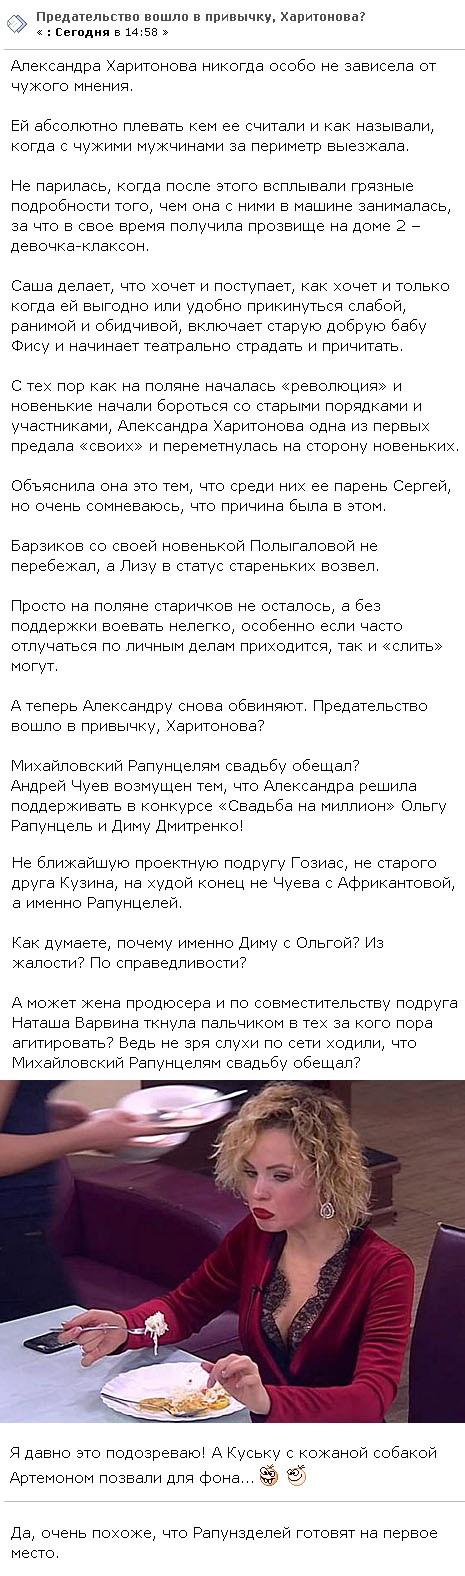 Поступок Александры Харитоновой расценили как предательство